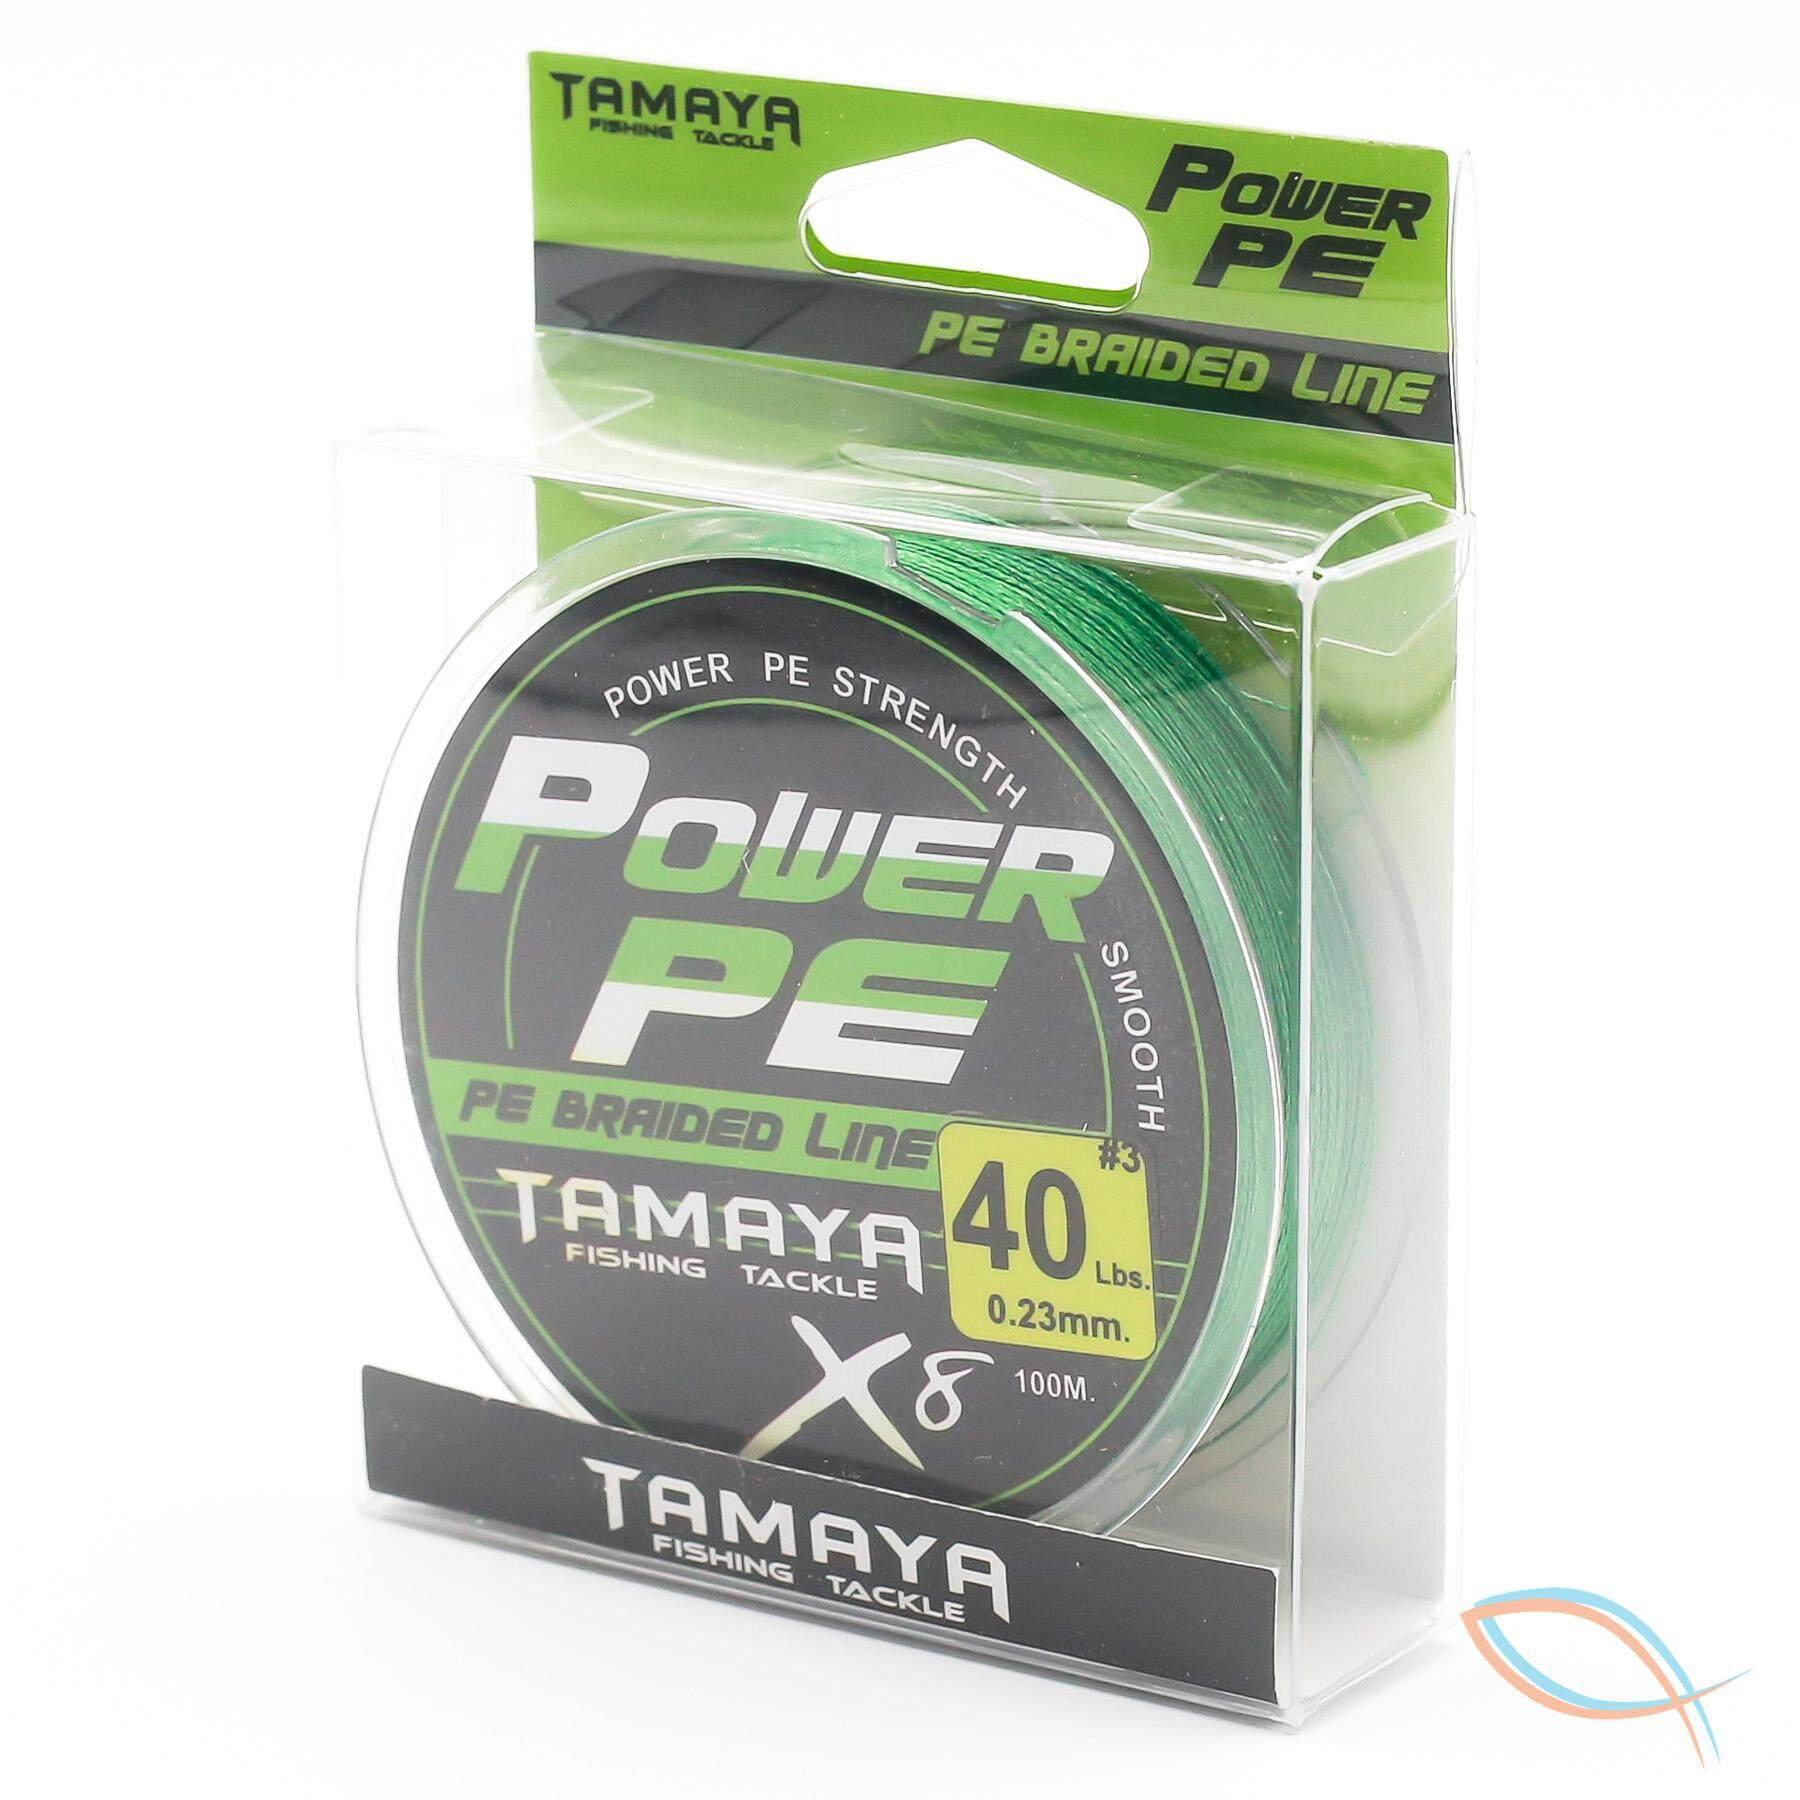 ตกปลาชะโด ต้องสายพีอี 3 ของ Tamaya รุ่น Power Pex8 40 Lb. สีเขียว หน้าตัด 0.23 Mm. ความยาว 100 เมตร.